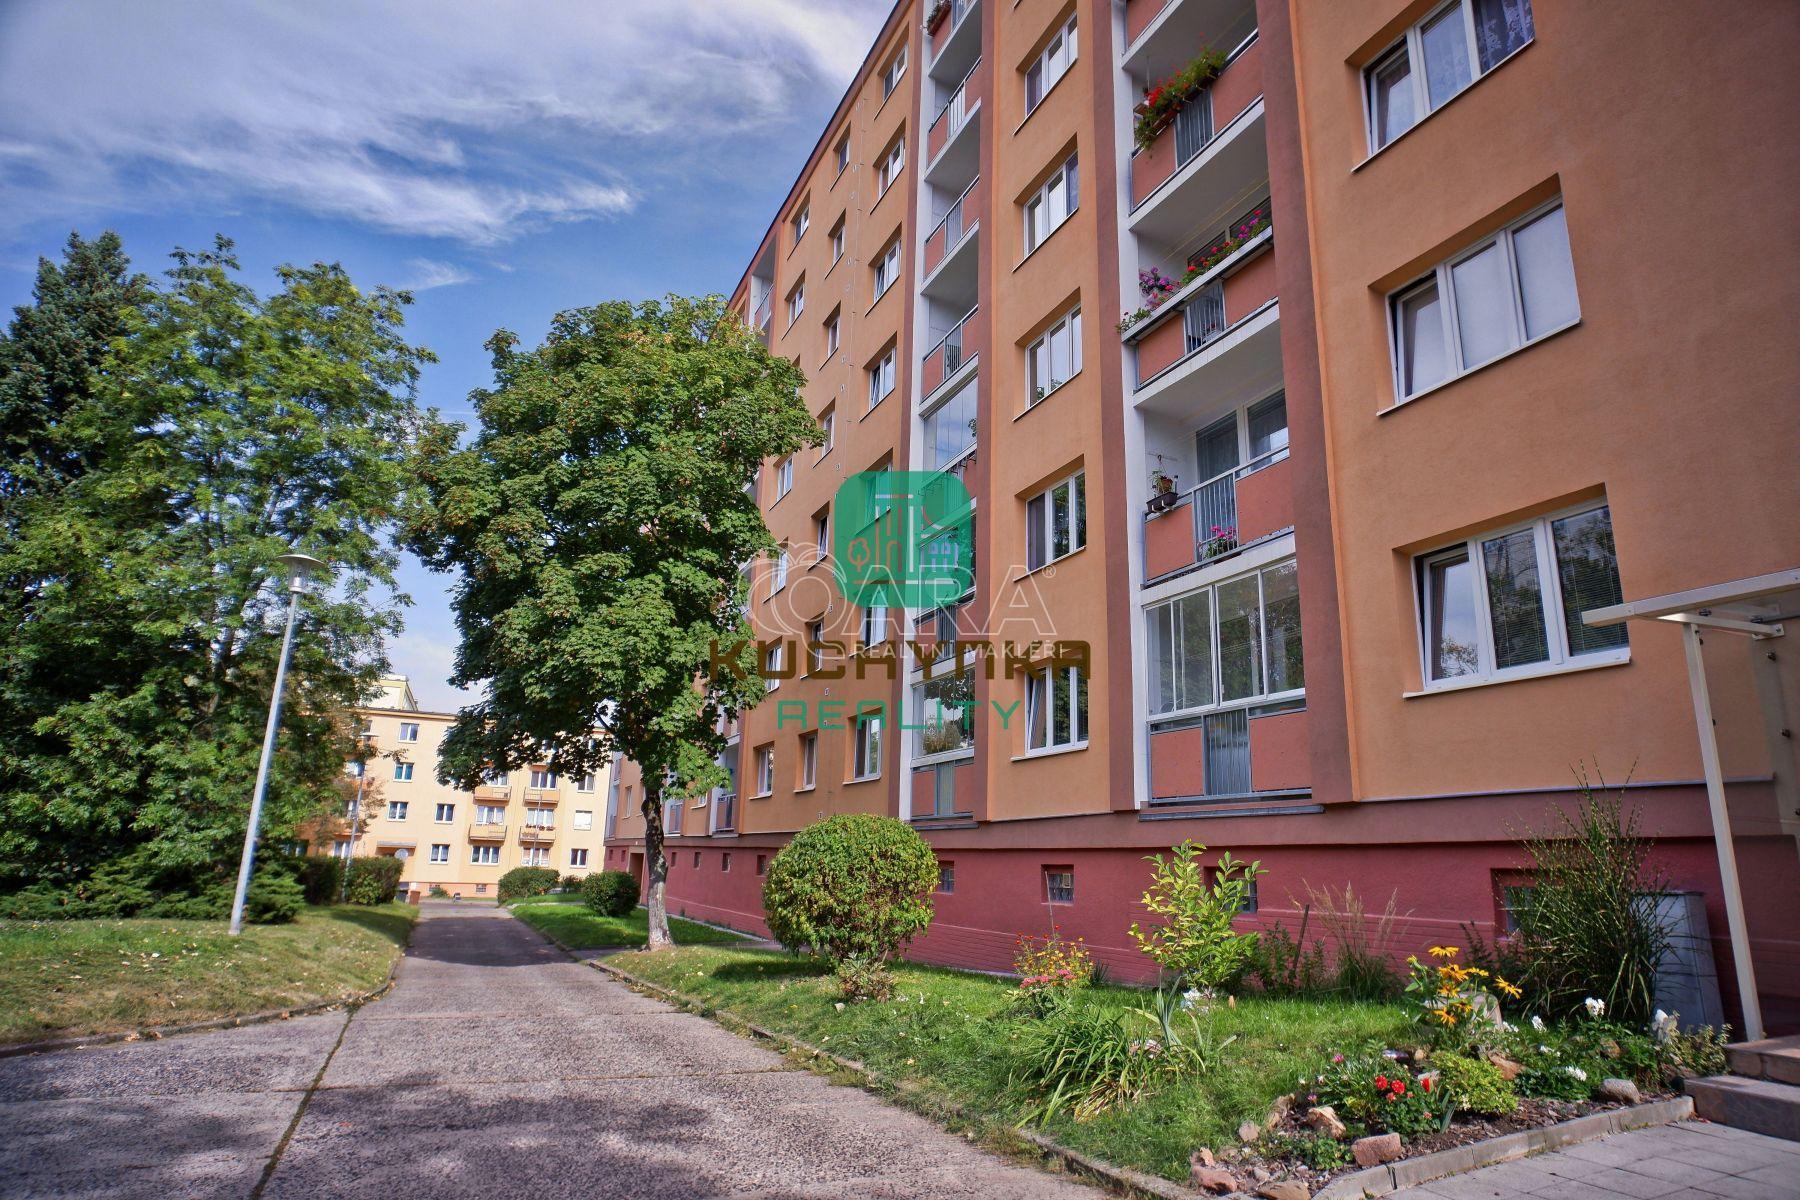 Podnájem bytu 2+1, 52,80 m2, Zrenjaninská, Teplice